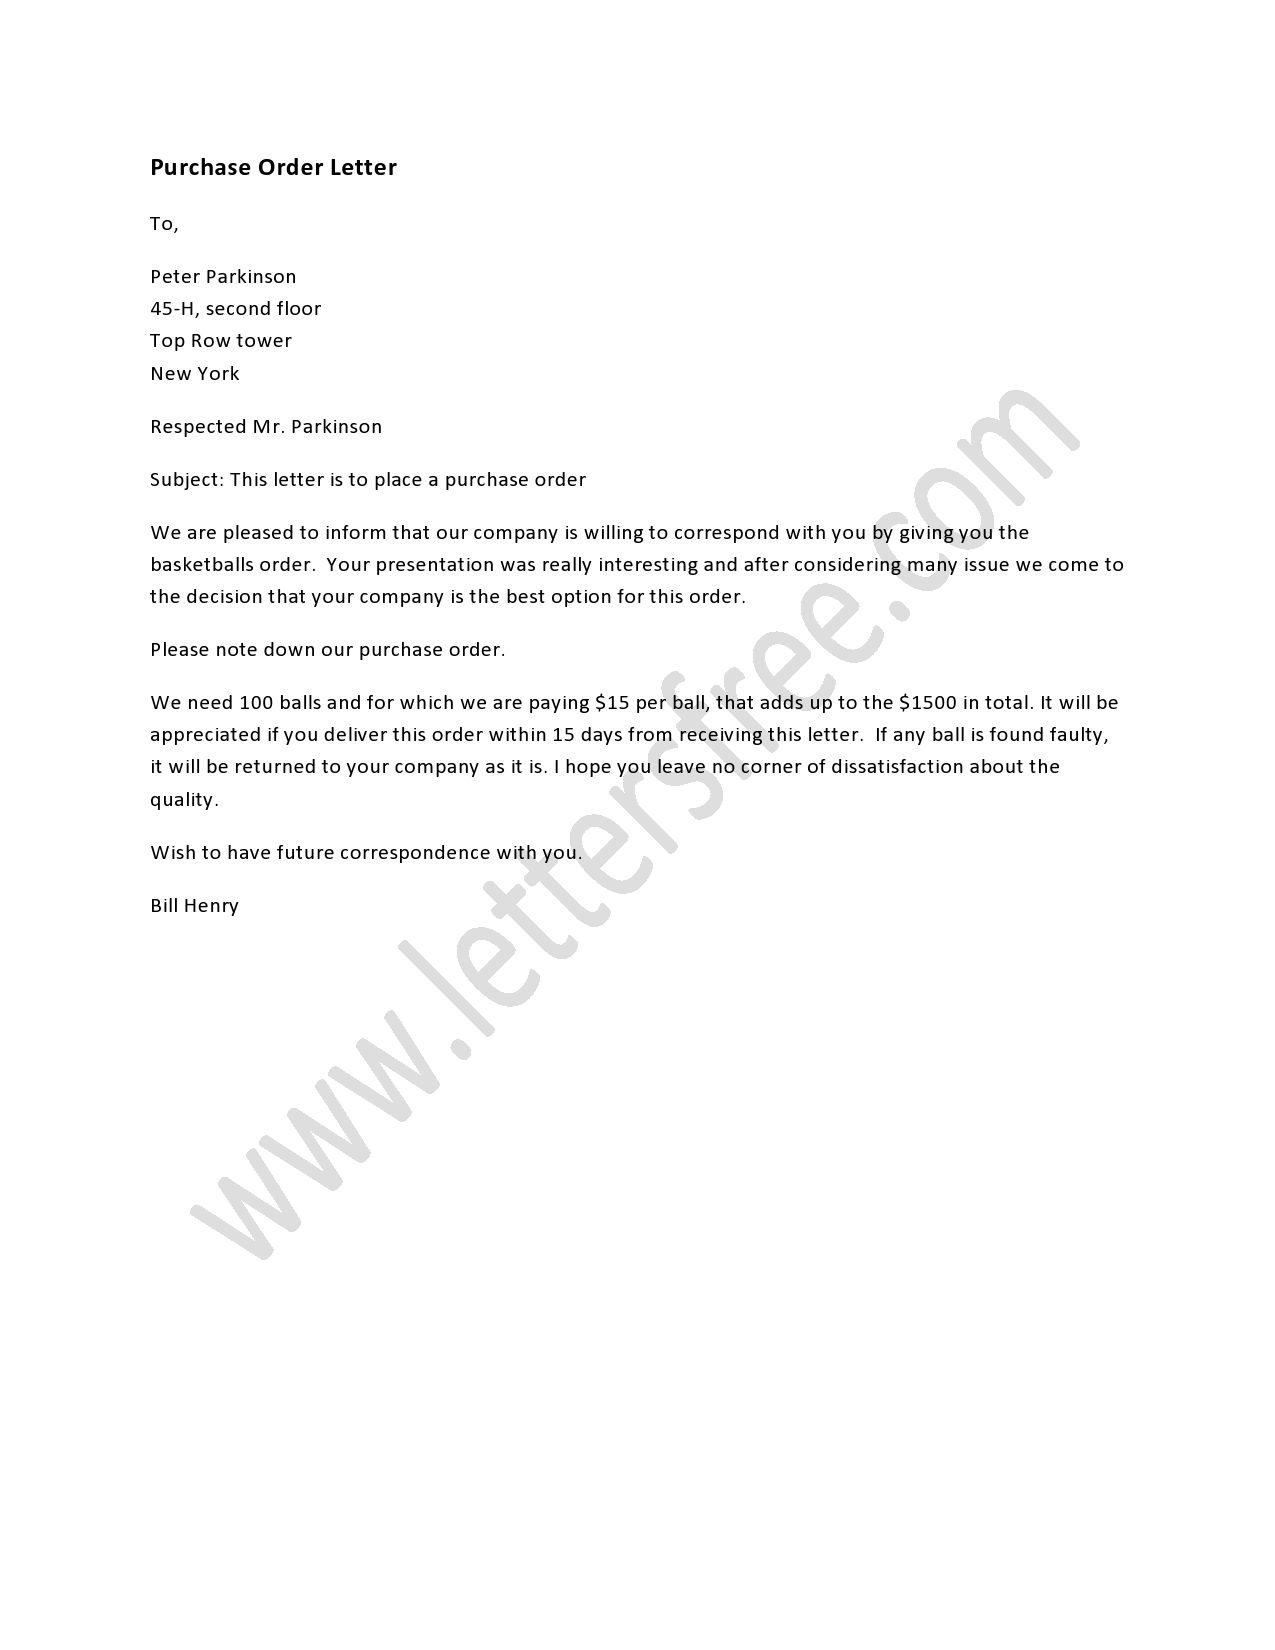 Custom cover letter purchase